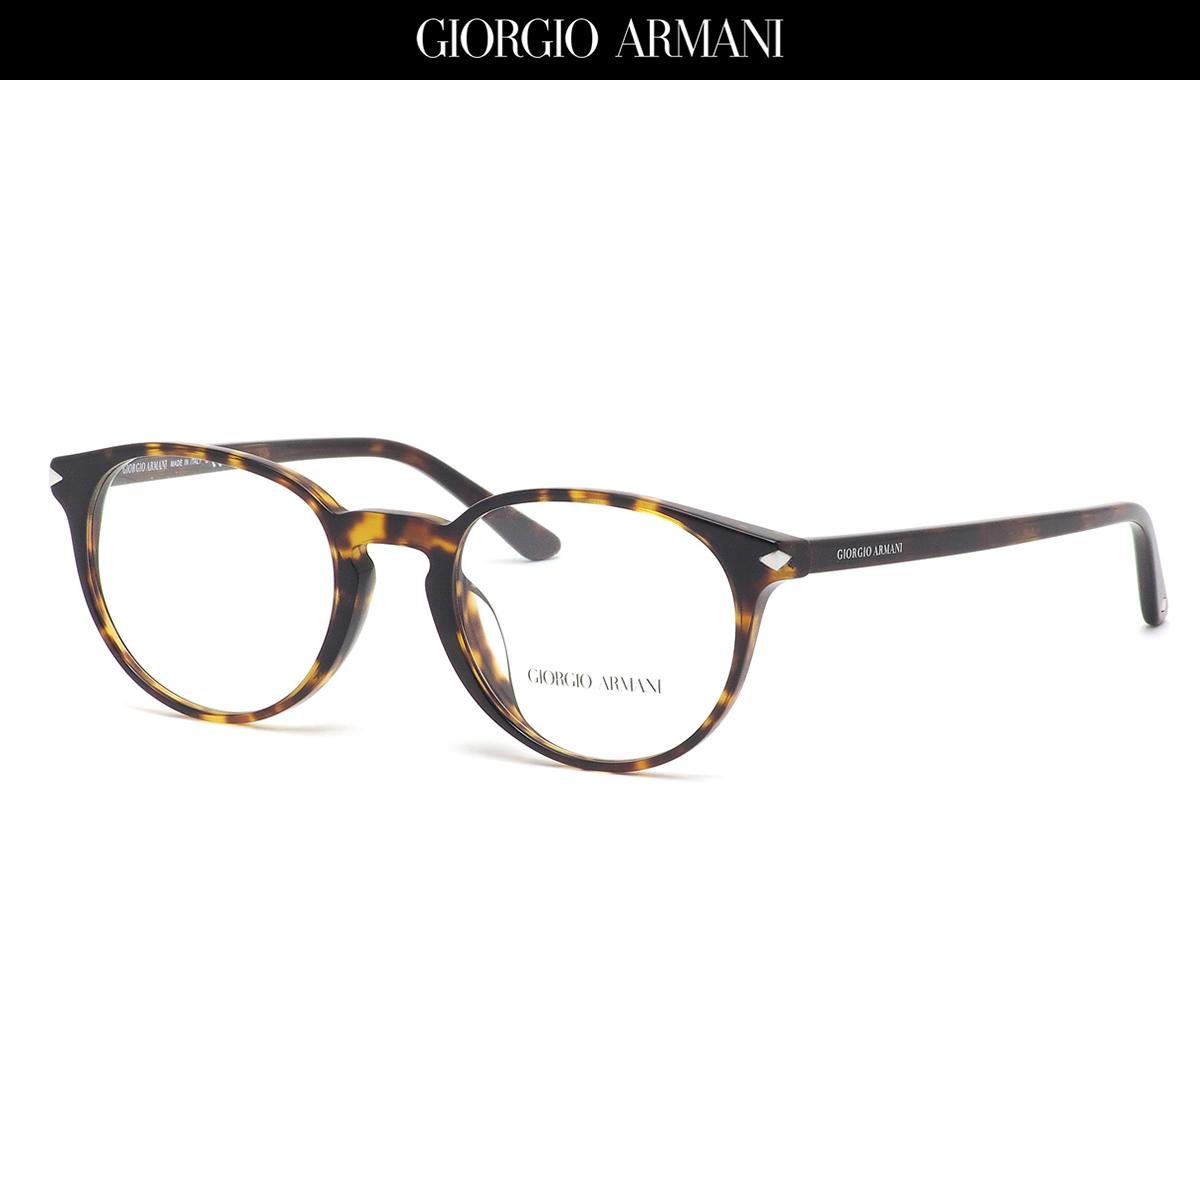 GIORGIO ARMANI ジョルジオアルマーニ メガネ AR7176F 5026 50サイズ キーホールブリッジ べっ甲 デミ ジョルジオアルマーニGIORGIOARMANI メンズ レディース